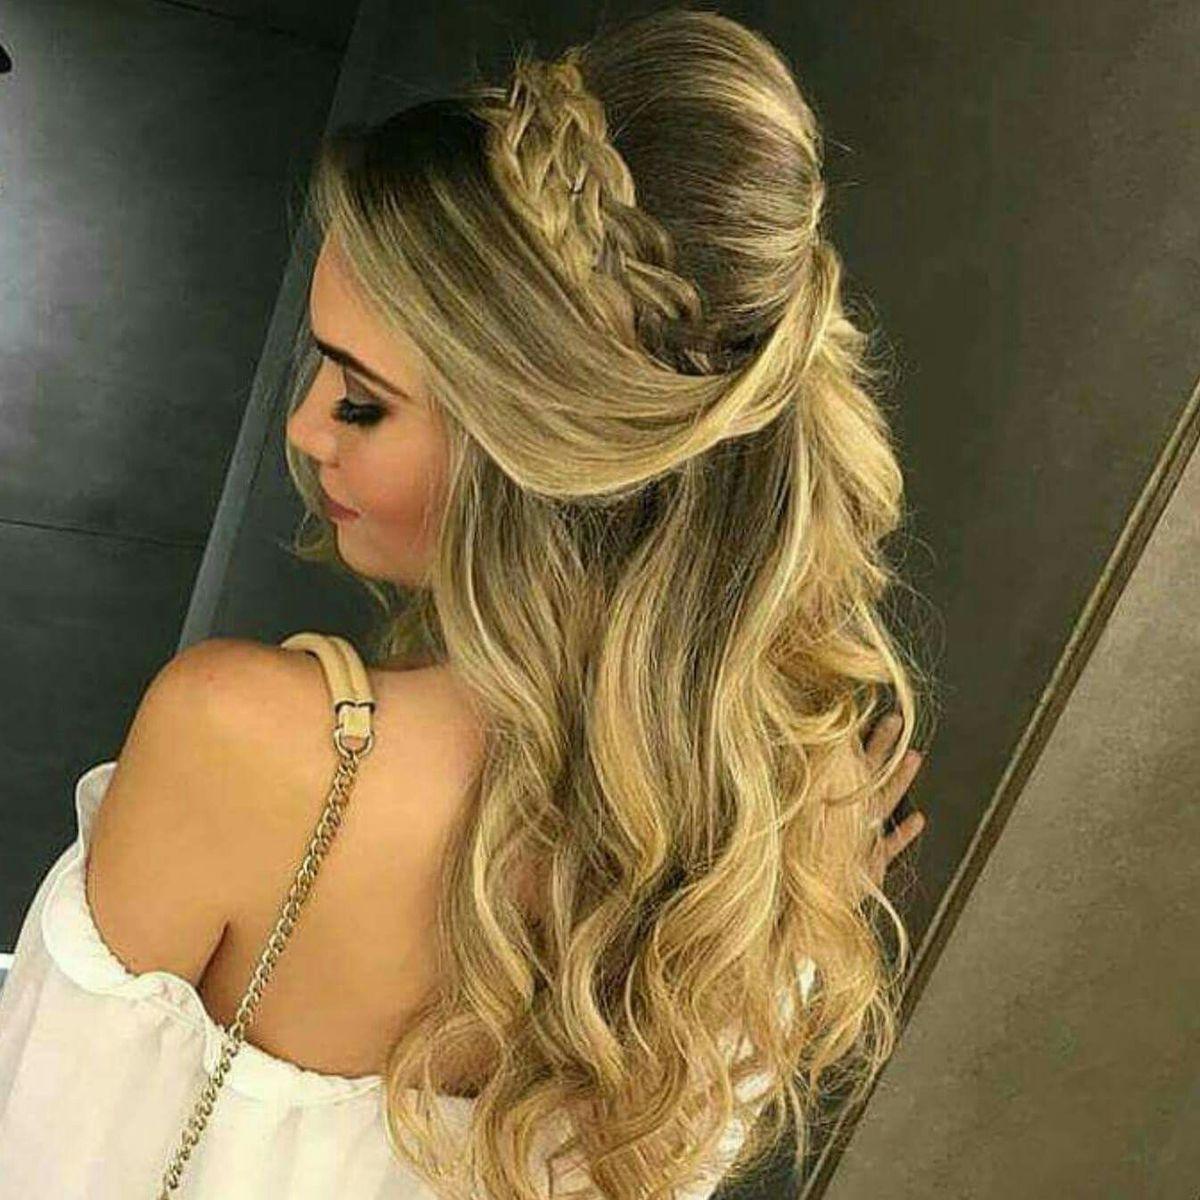 """<a class=""""pintag"""" href=""""/explore/hair/"""" title=""""#hair explore Pinterest"""">#hair</a> <a class=""""pintag"""" href=""""/explore/long/"""" title=""""#long explore Pinterest"""">#long</a><p><a href=""""http://www.homeinteriordesign.org/2018/02/short-guide-to-interior-decoration.html"""">Short guide to interior decoration</a></p>"""